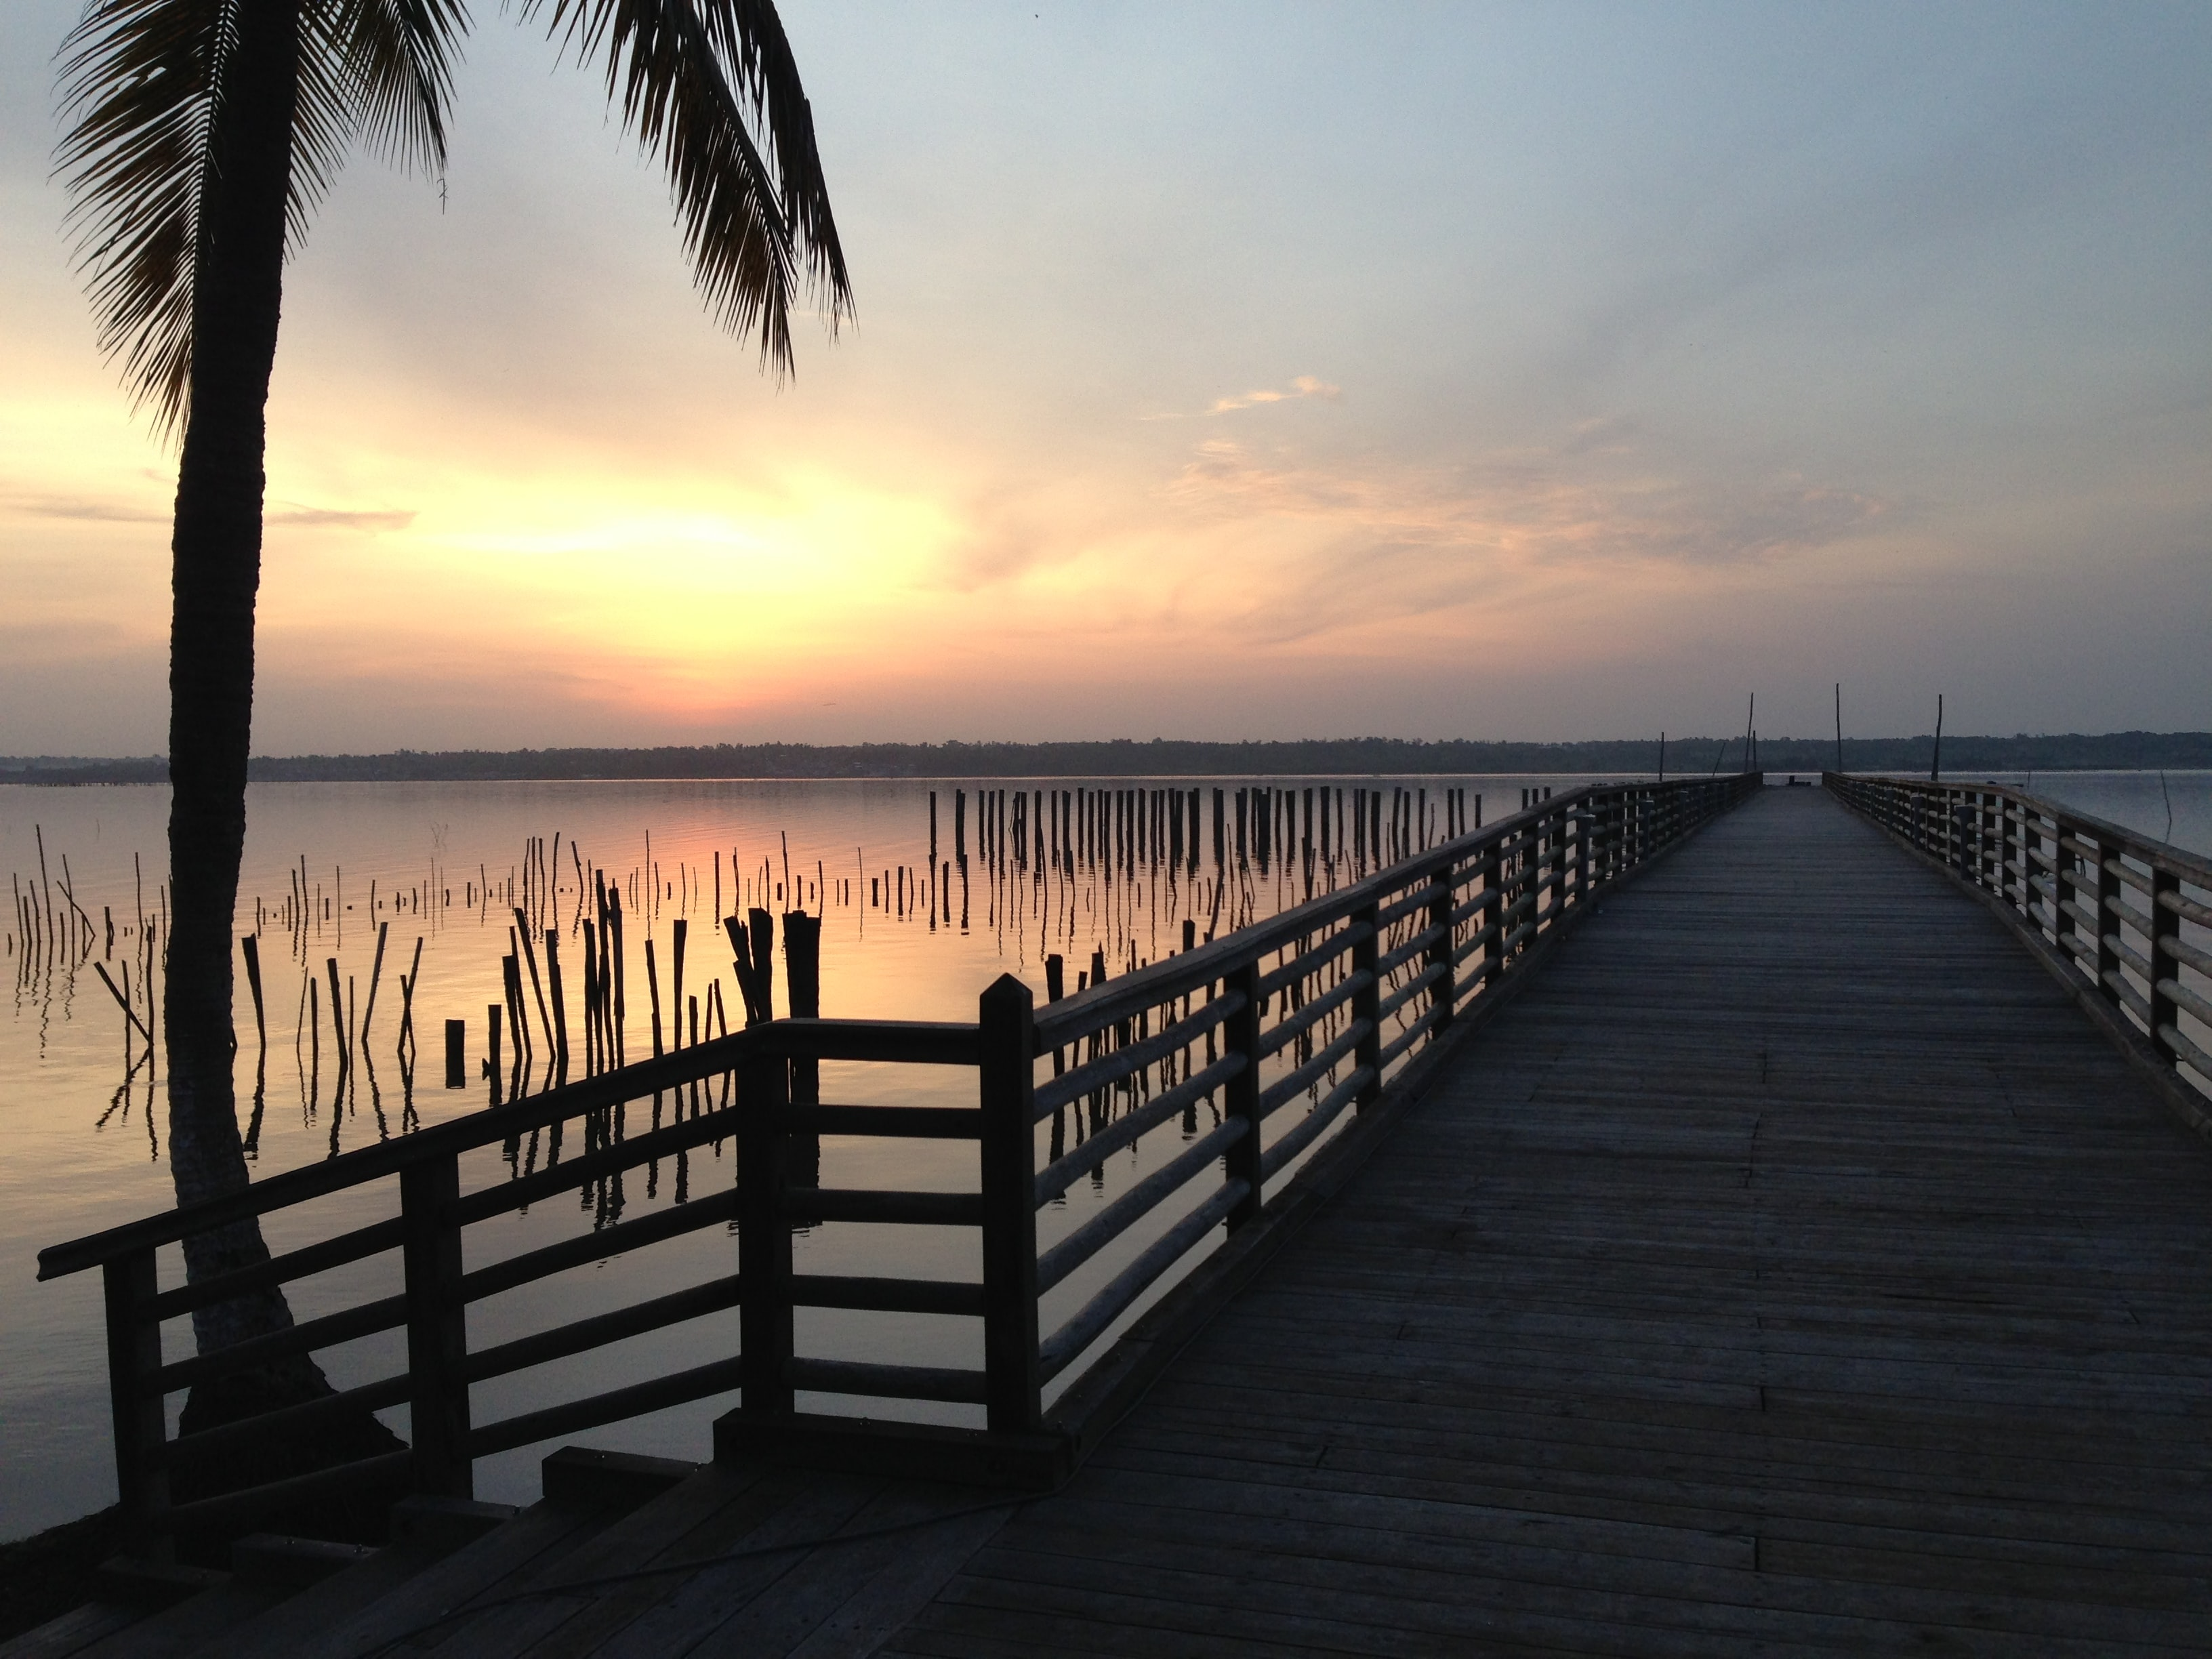 brown bridge on sunrise